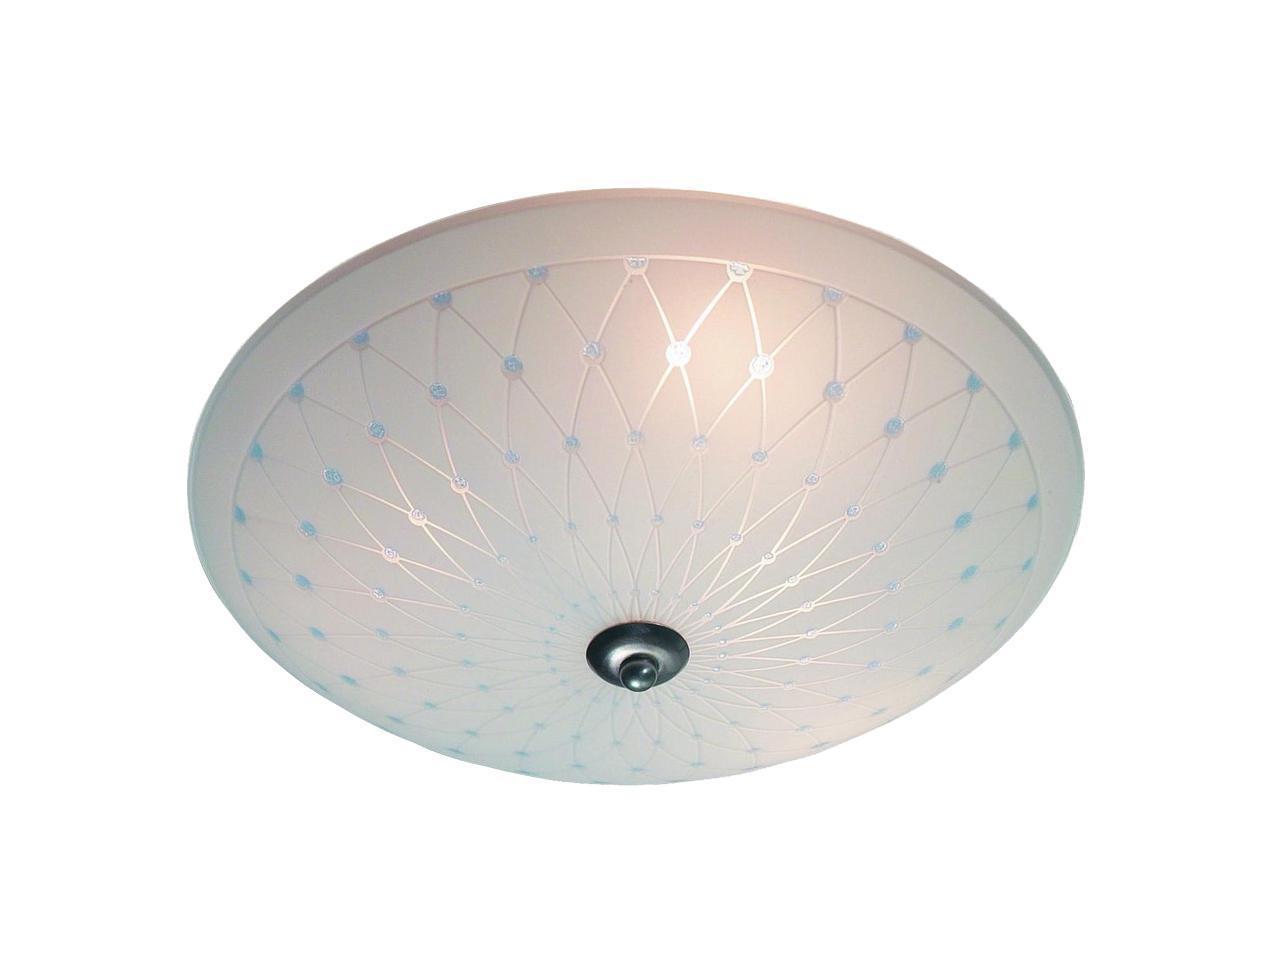 Настенно-потолочный светильник MarkSLojd BLUES 175512-495512 markslojd потолочный светильник markslojd blues 175012 495012